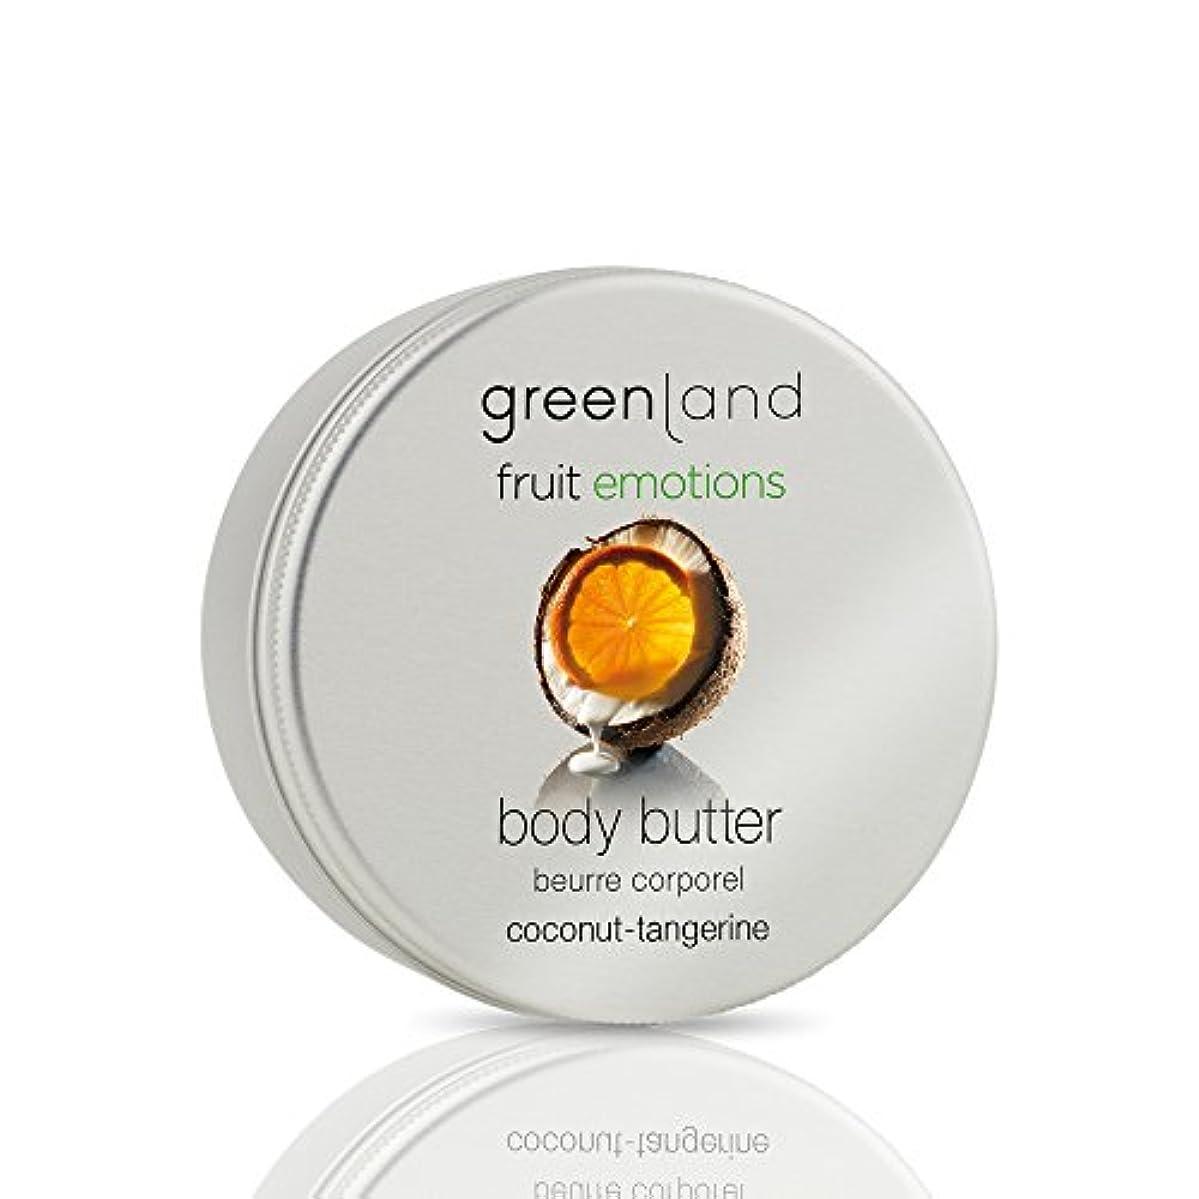 帳面露出度の高い侵入するgreenland [FruitEmotions] ボディバター 120ml ココナッツ&タンジェリン FE0432